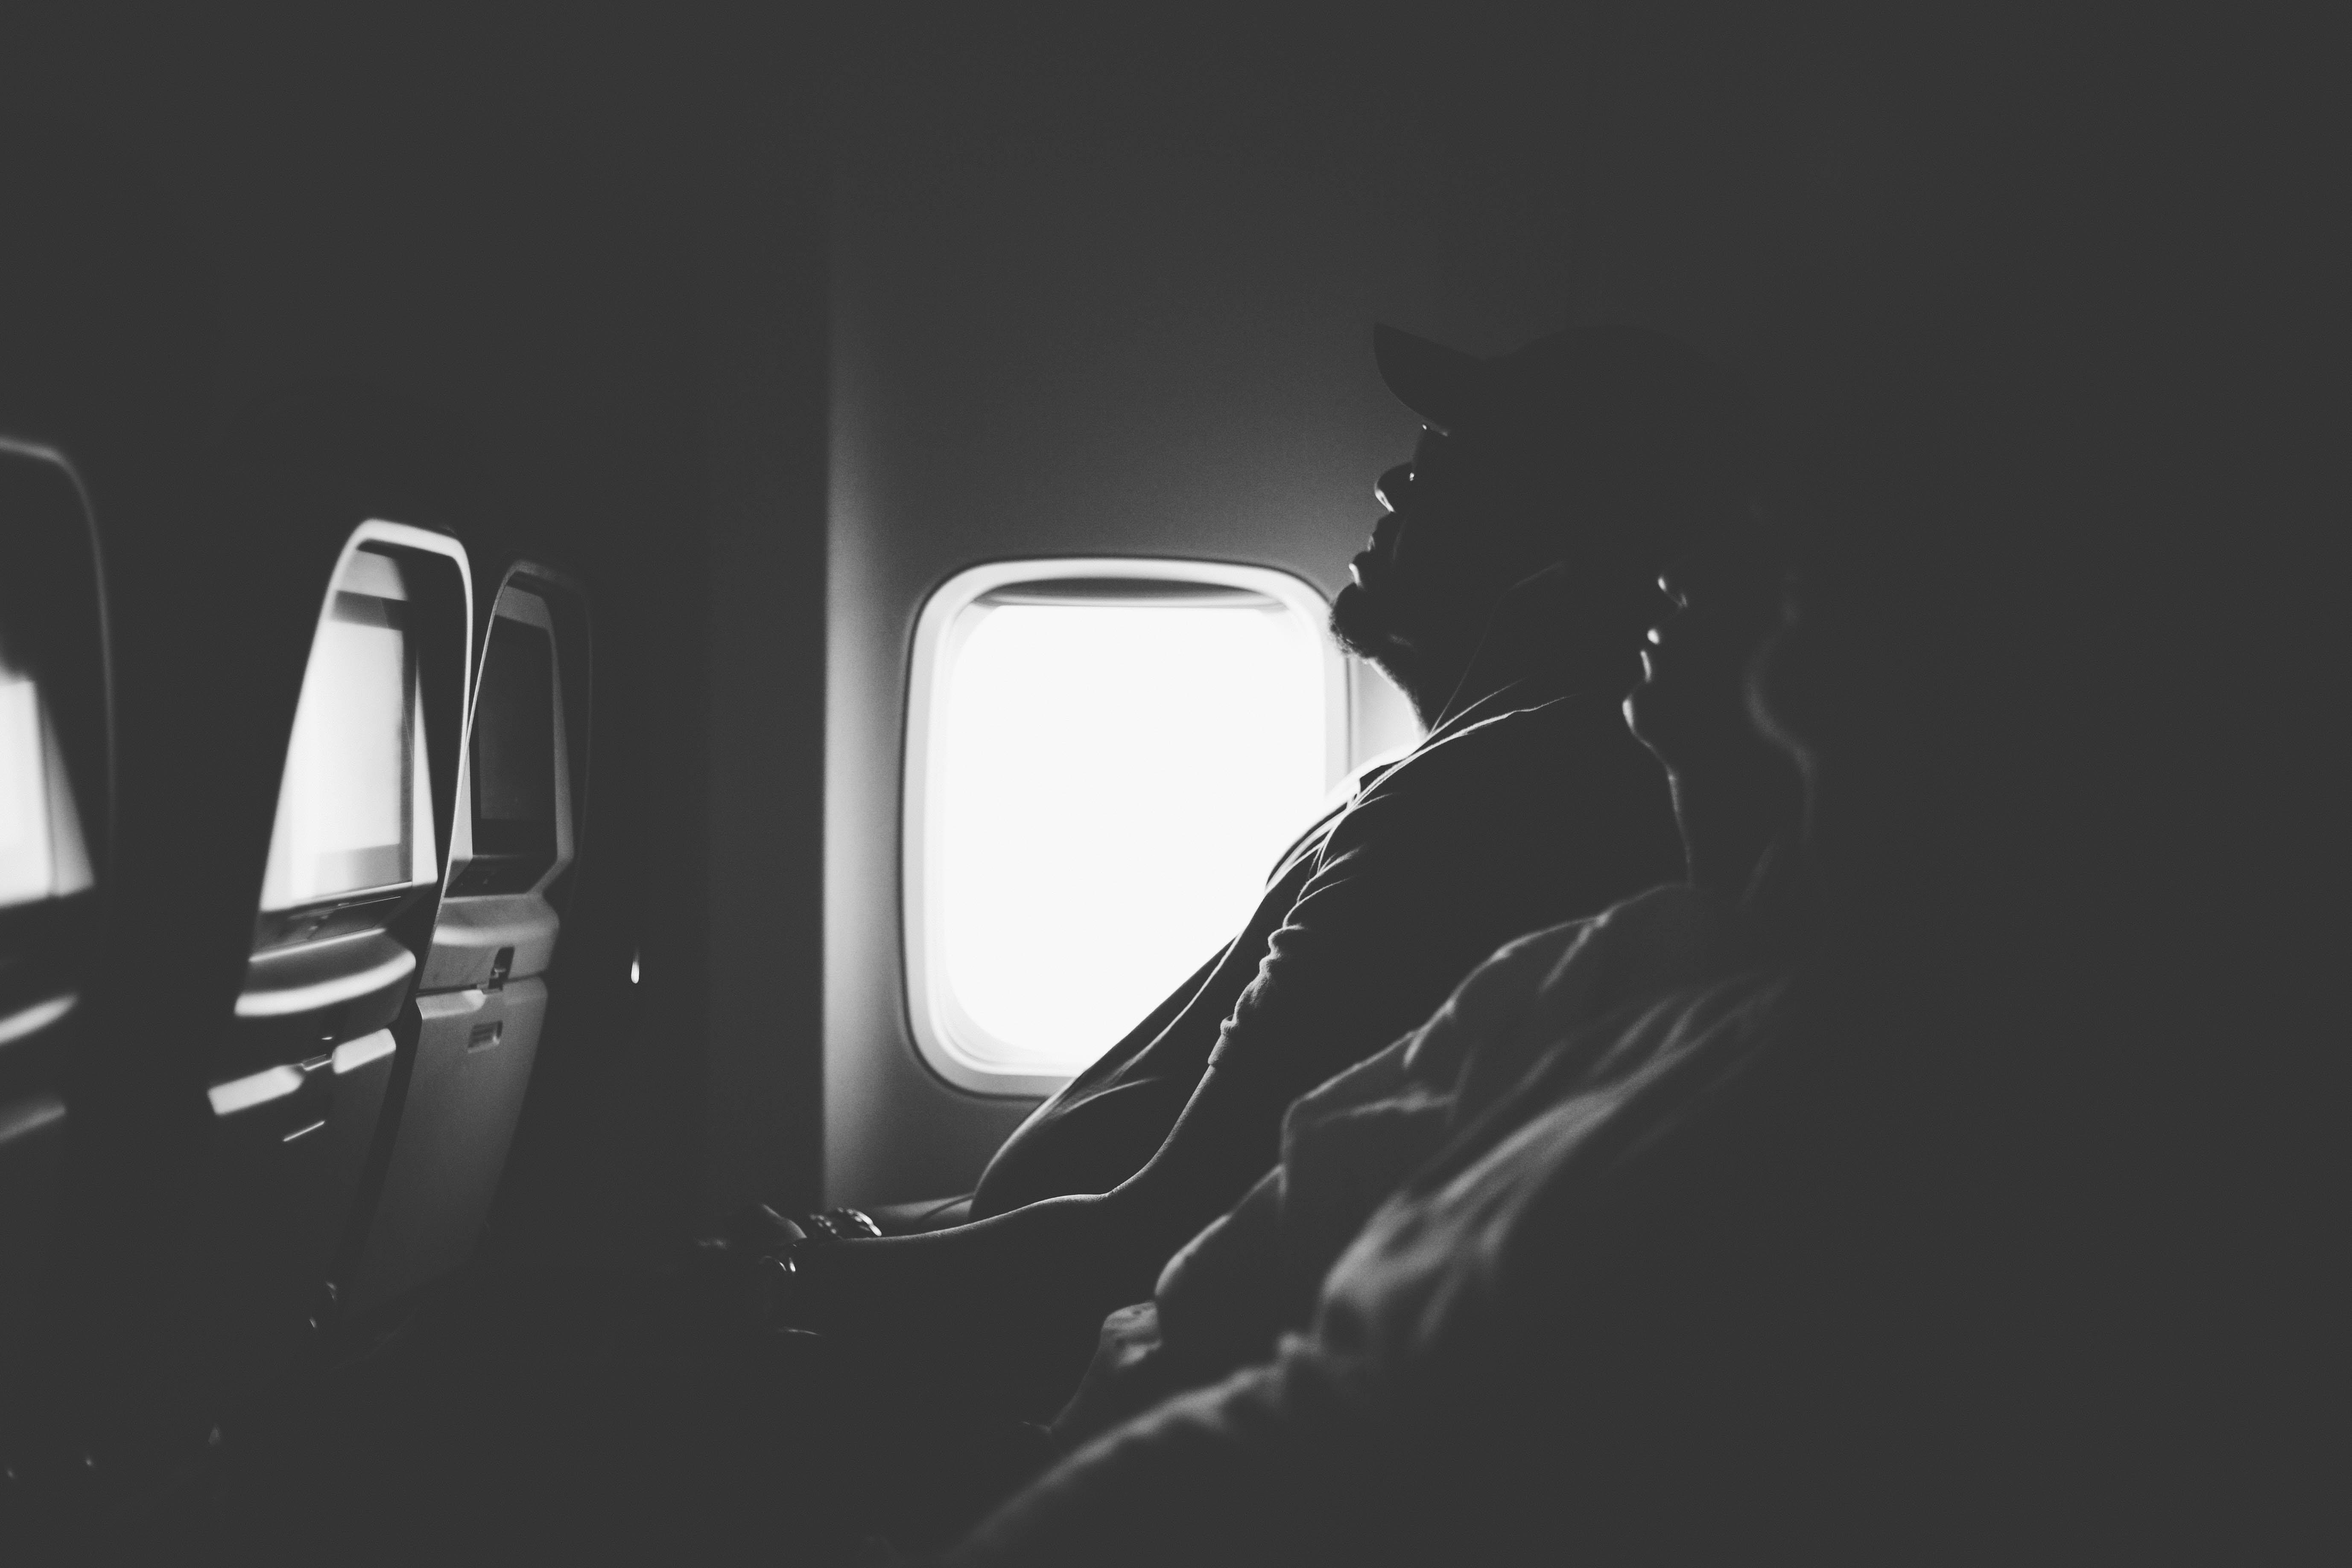 Kiểu hành khách vừa ngủ vừa ngáy to, ghét trên máy bay